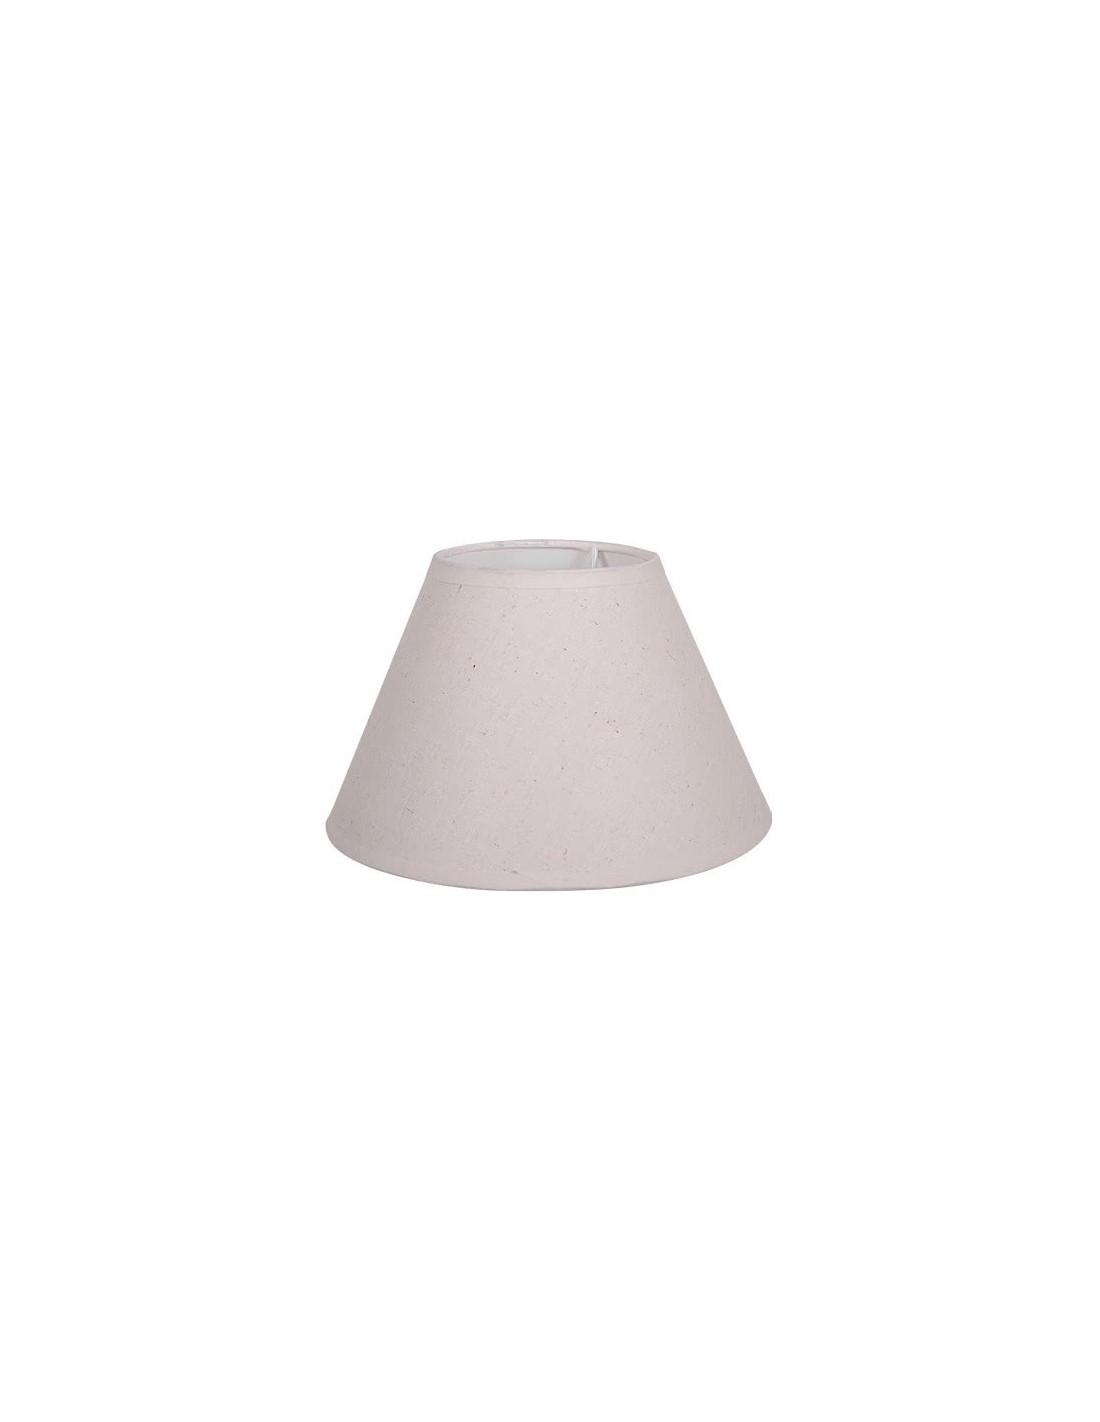 Delicieux lampe sur pied exterieur 6 grande costanza for Lampe exterieur sur pied